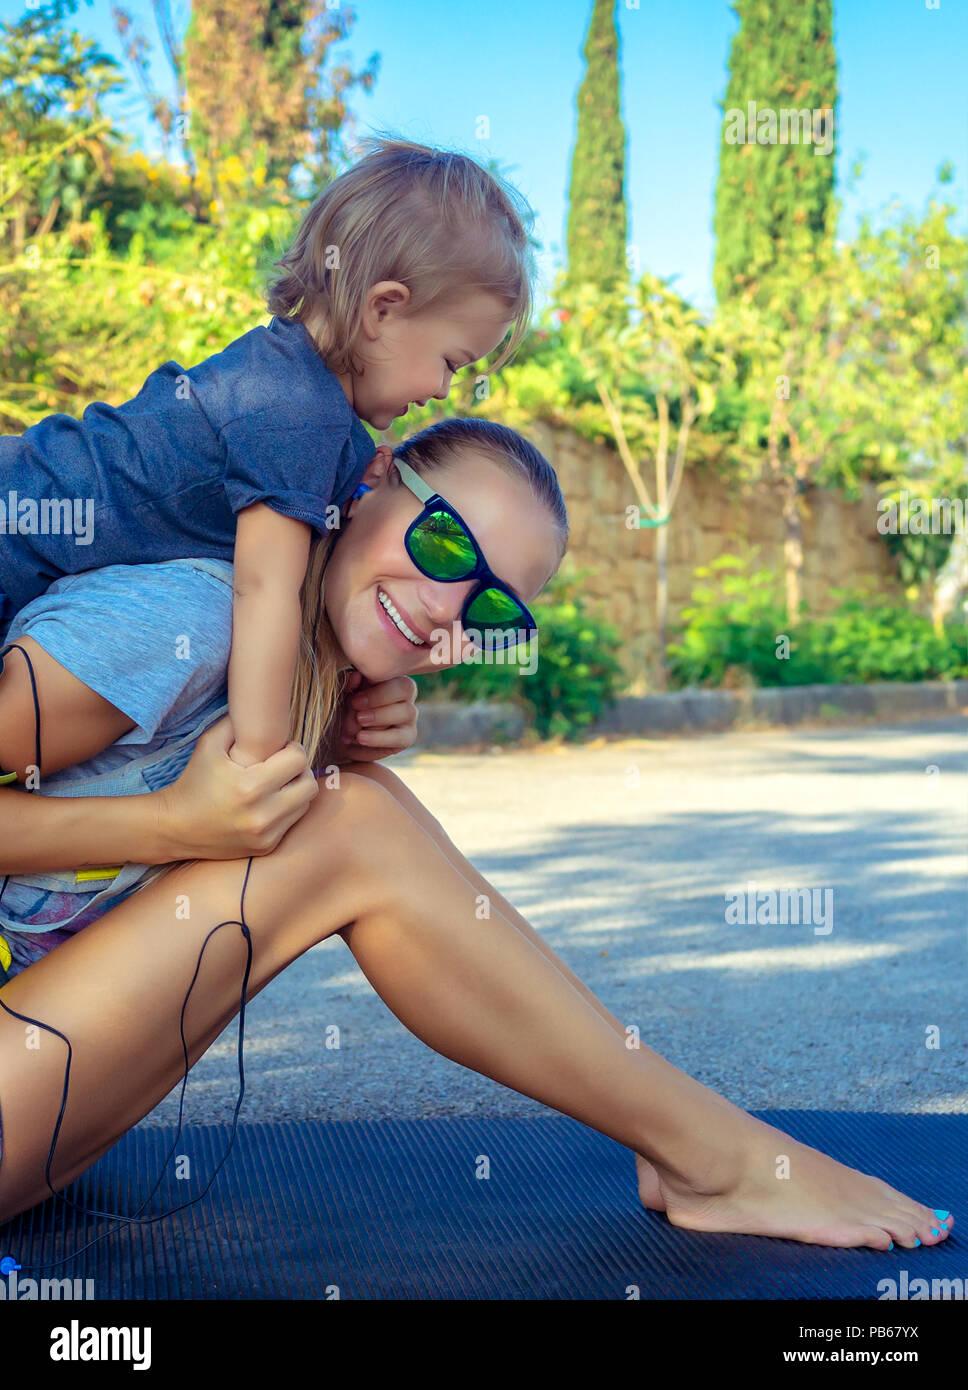 Retrato de una hermosa madre y su hijo jugando juegos de deportes en el parque en un día soleado de verano, feliz de la infancia activa, buena familia cariñosa concepto Imagen De Stock